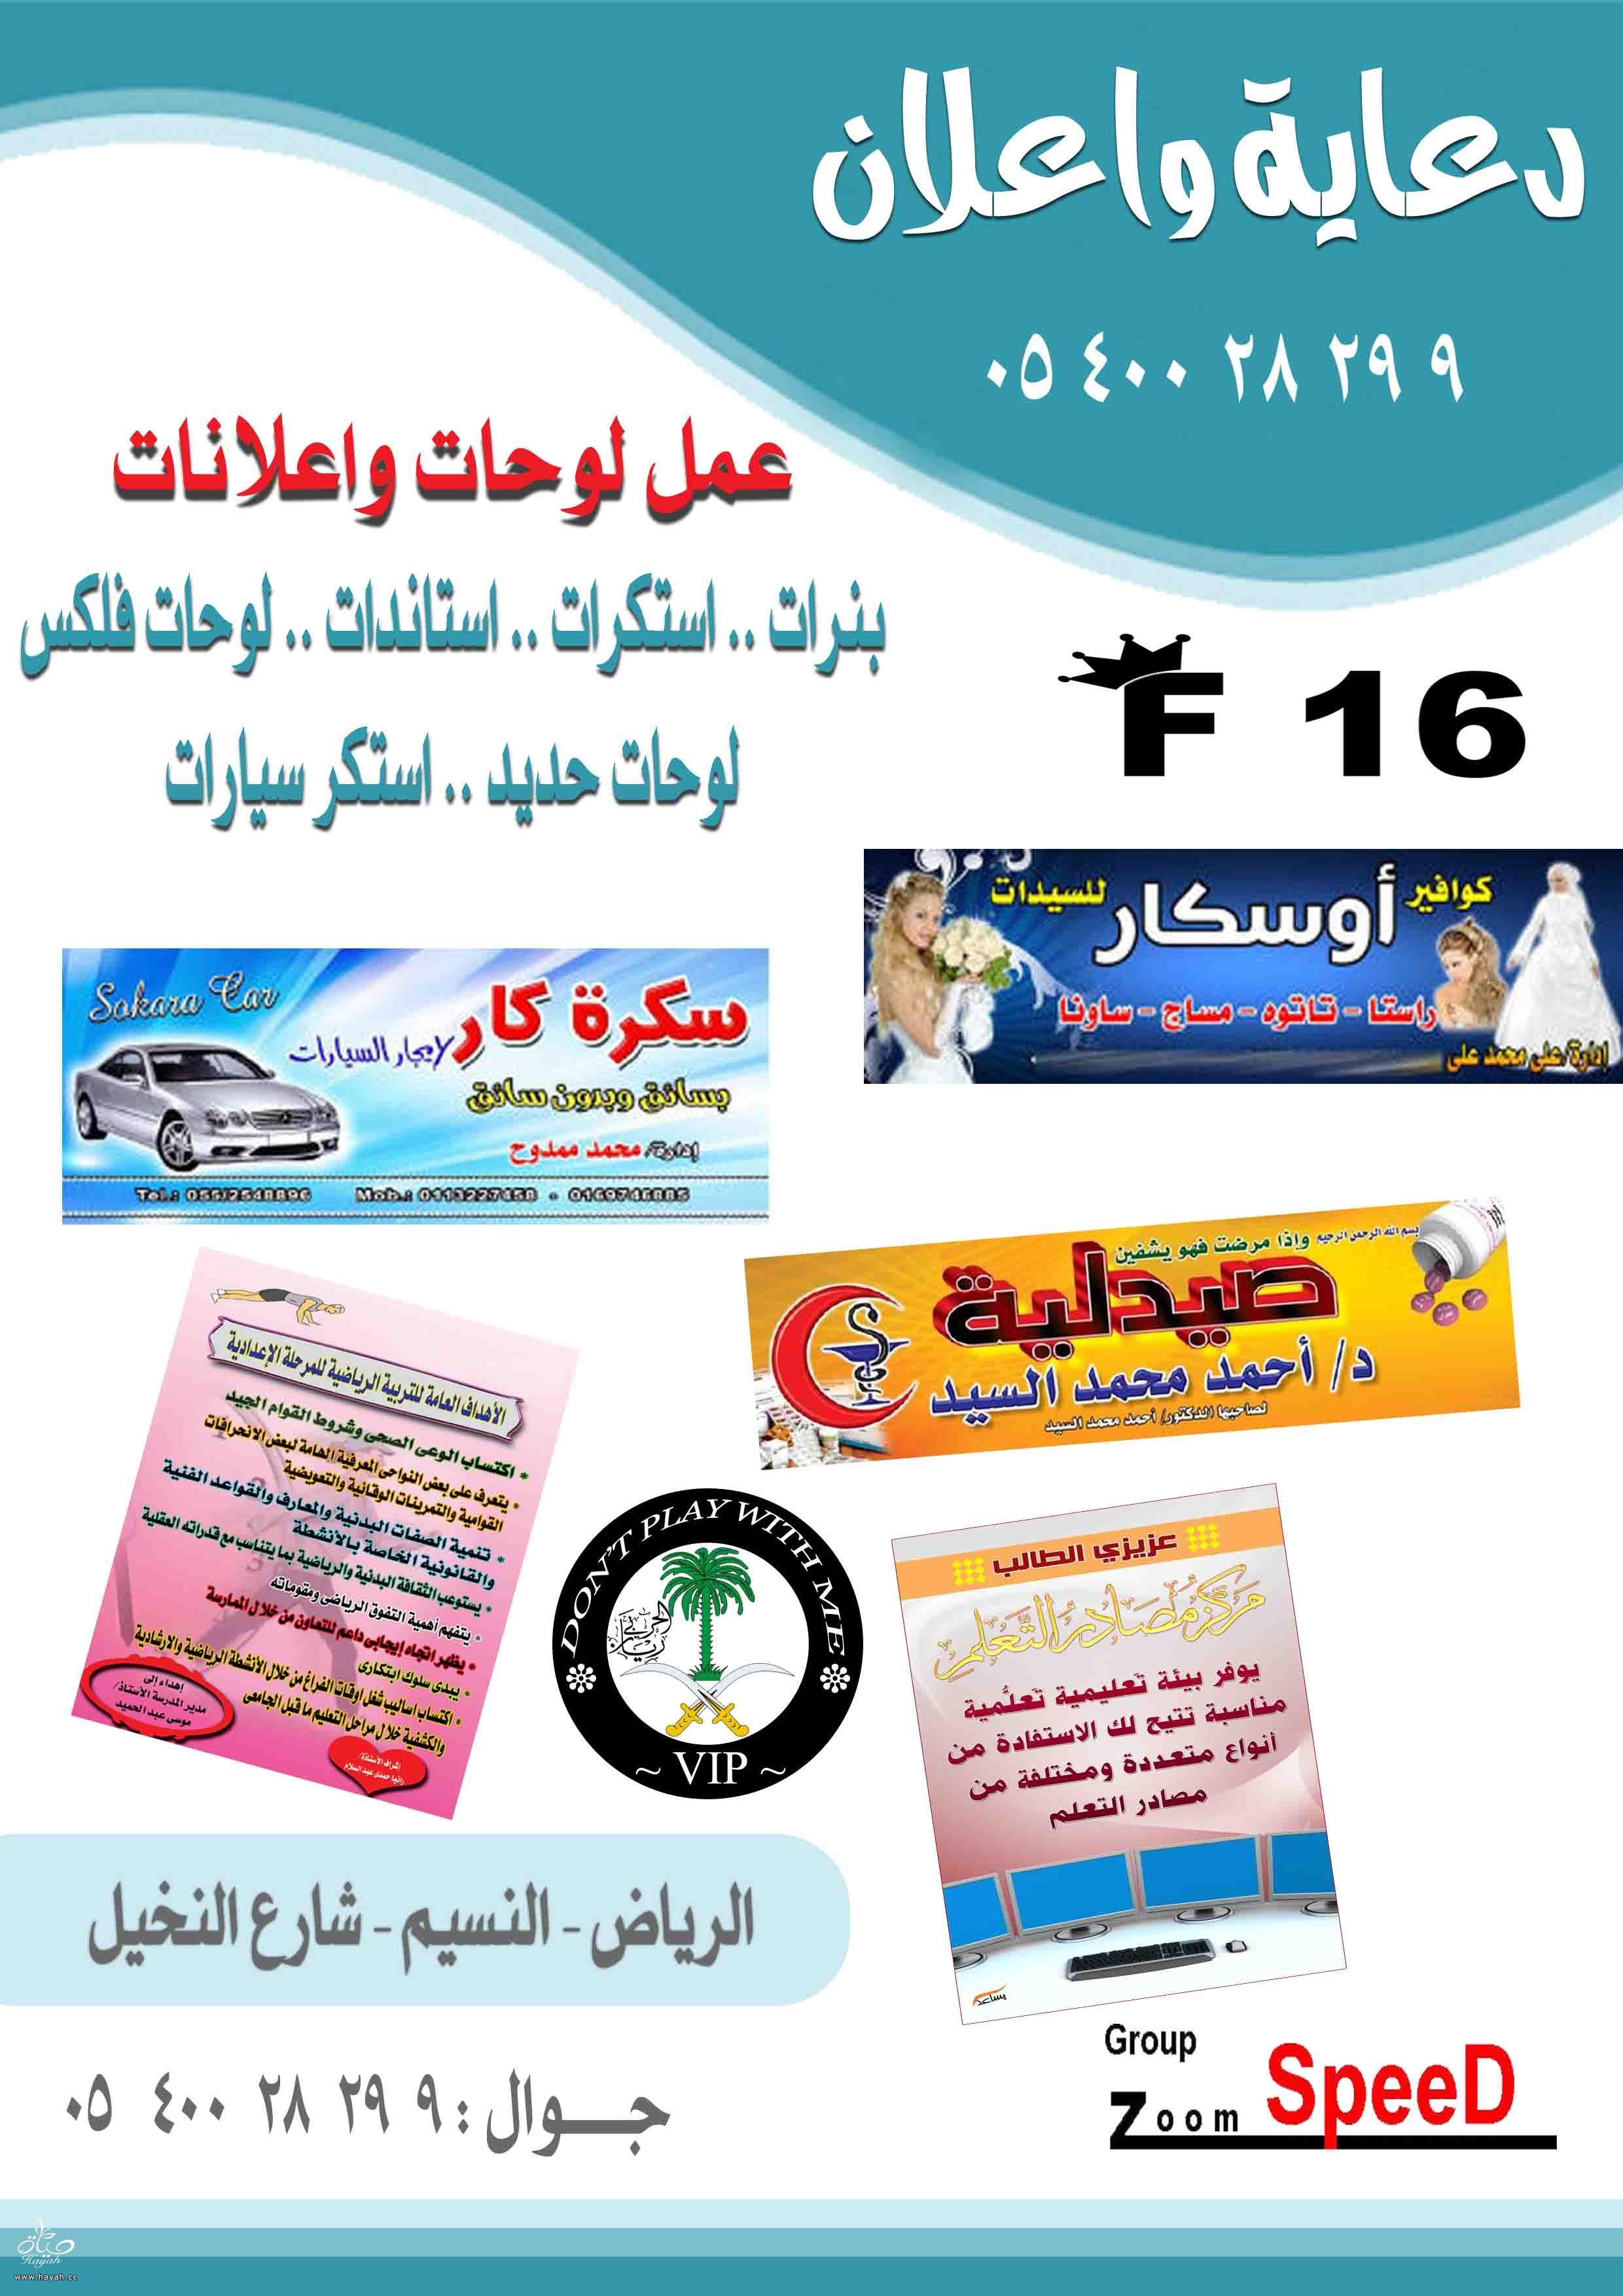 عمل لوحات وإعلانات ، بنرات ،إستيكرات سيارات ، بالرياض السعودية hayahcc_1453275413_351.jpg